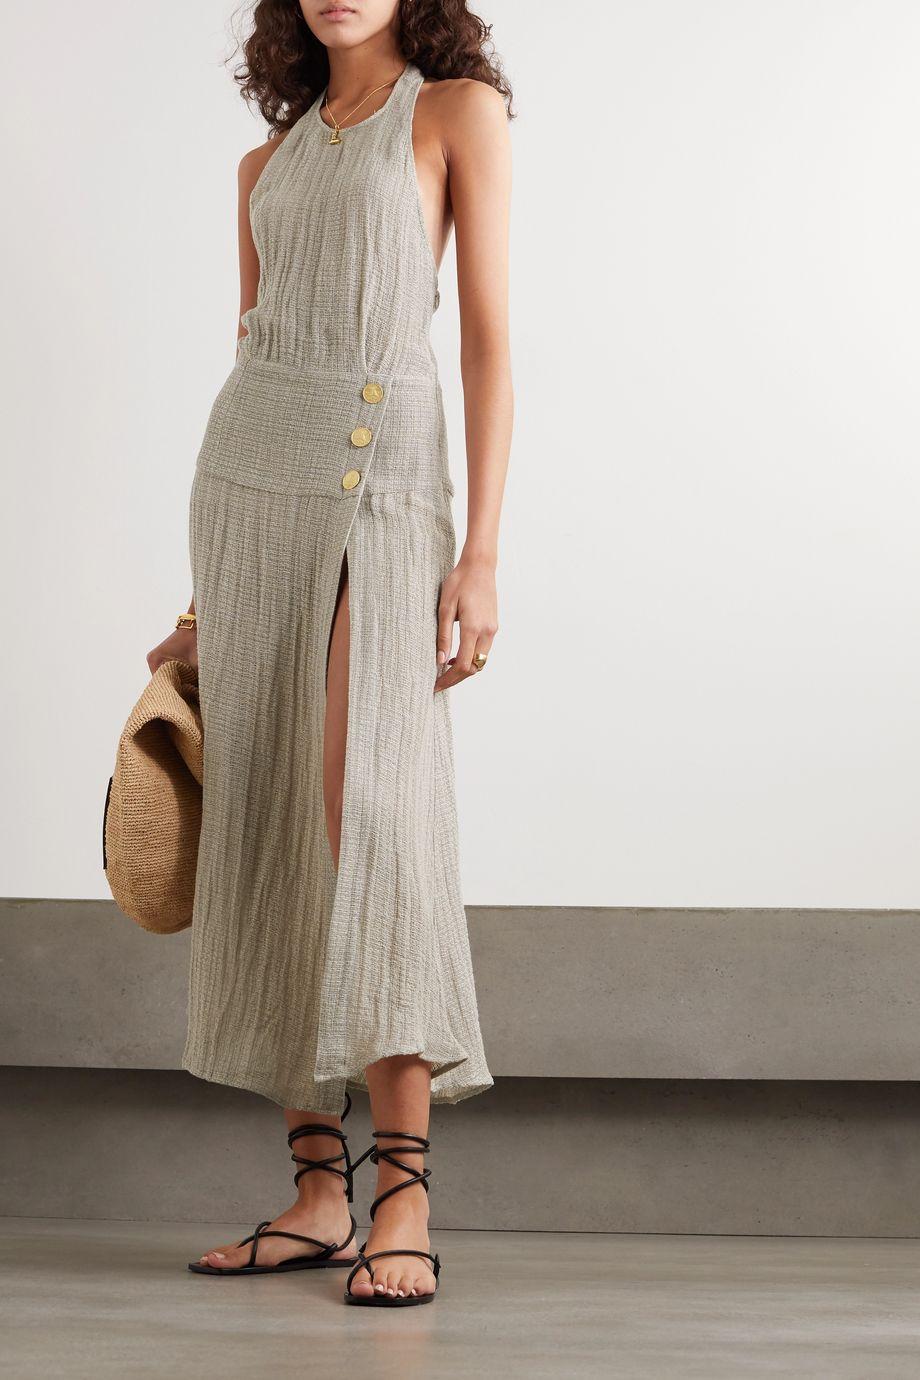 Le Kasha Dairut open-back crinkled linen halterneck maxi dress